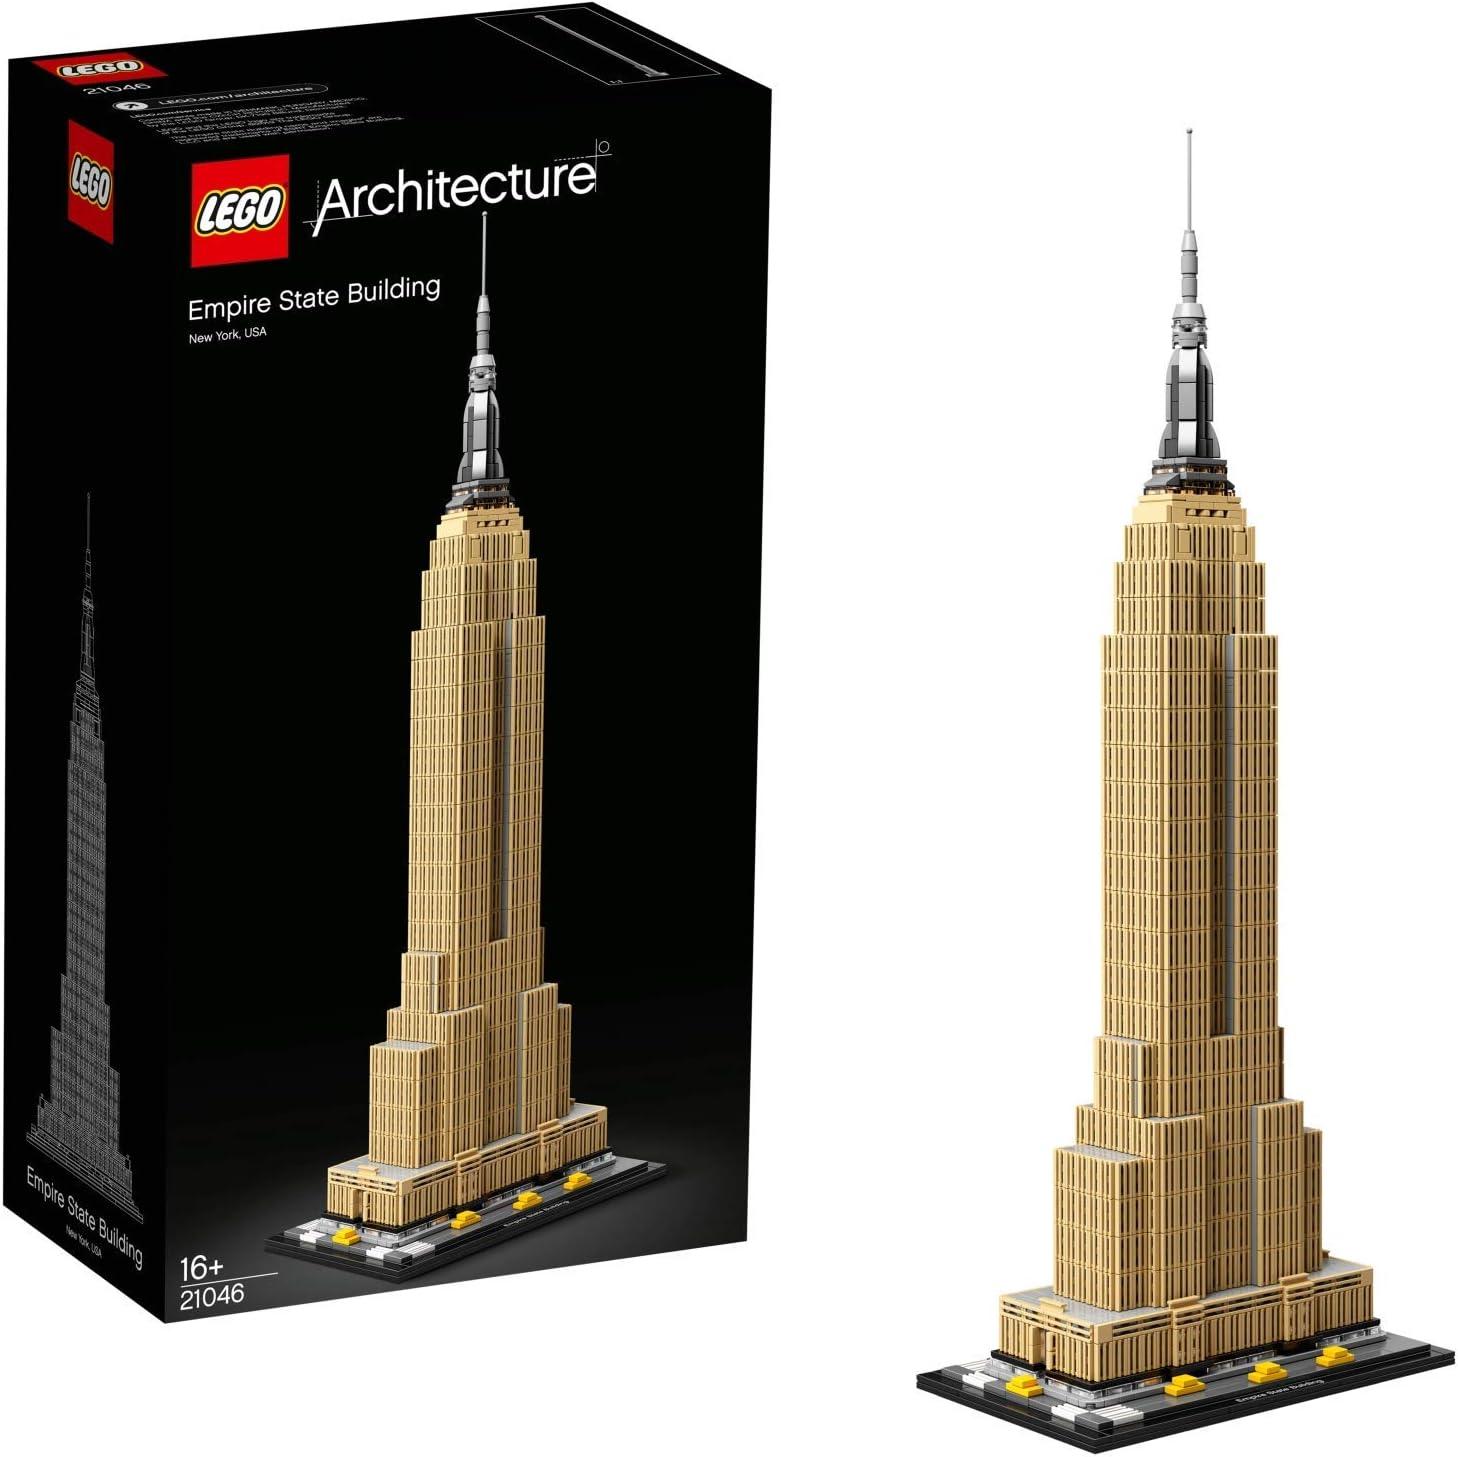 LEGO Architecture - Empire State Building Nuevo Juego de Construcción, Maqueta de Juguete de la Icónica Torre de New York (21046): Amazon.es: Juguetes y juegos